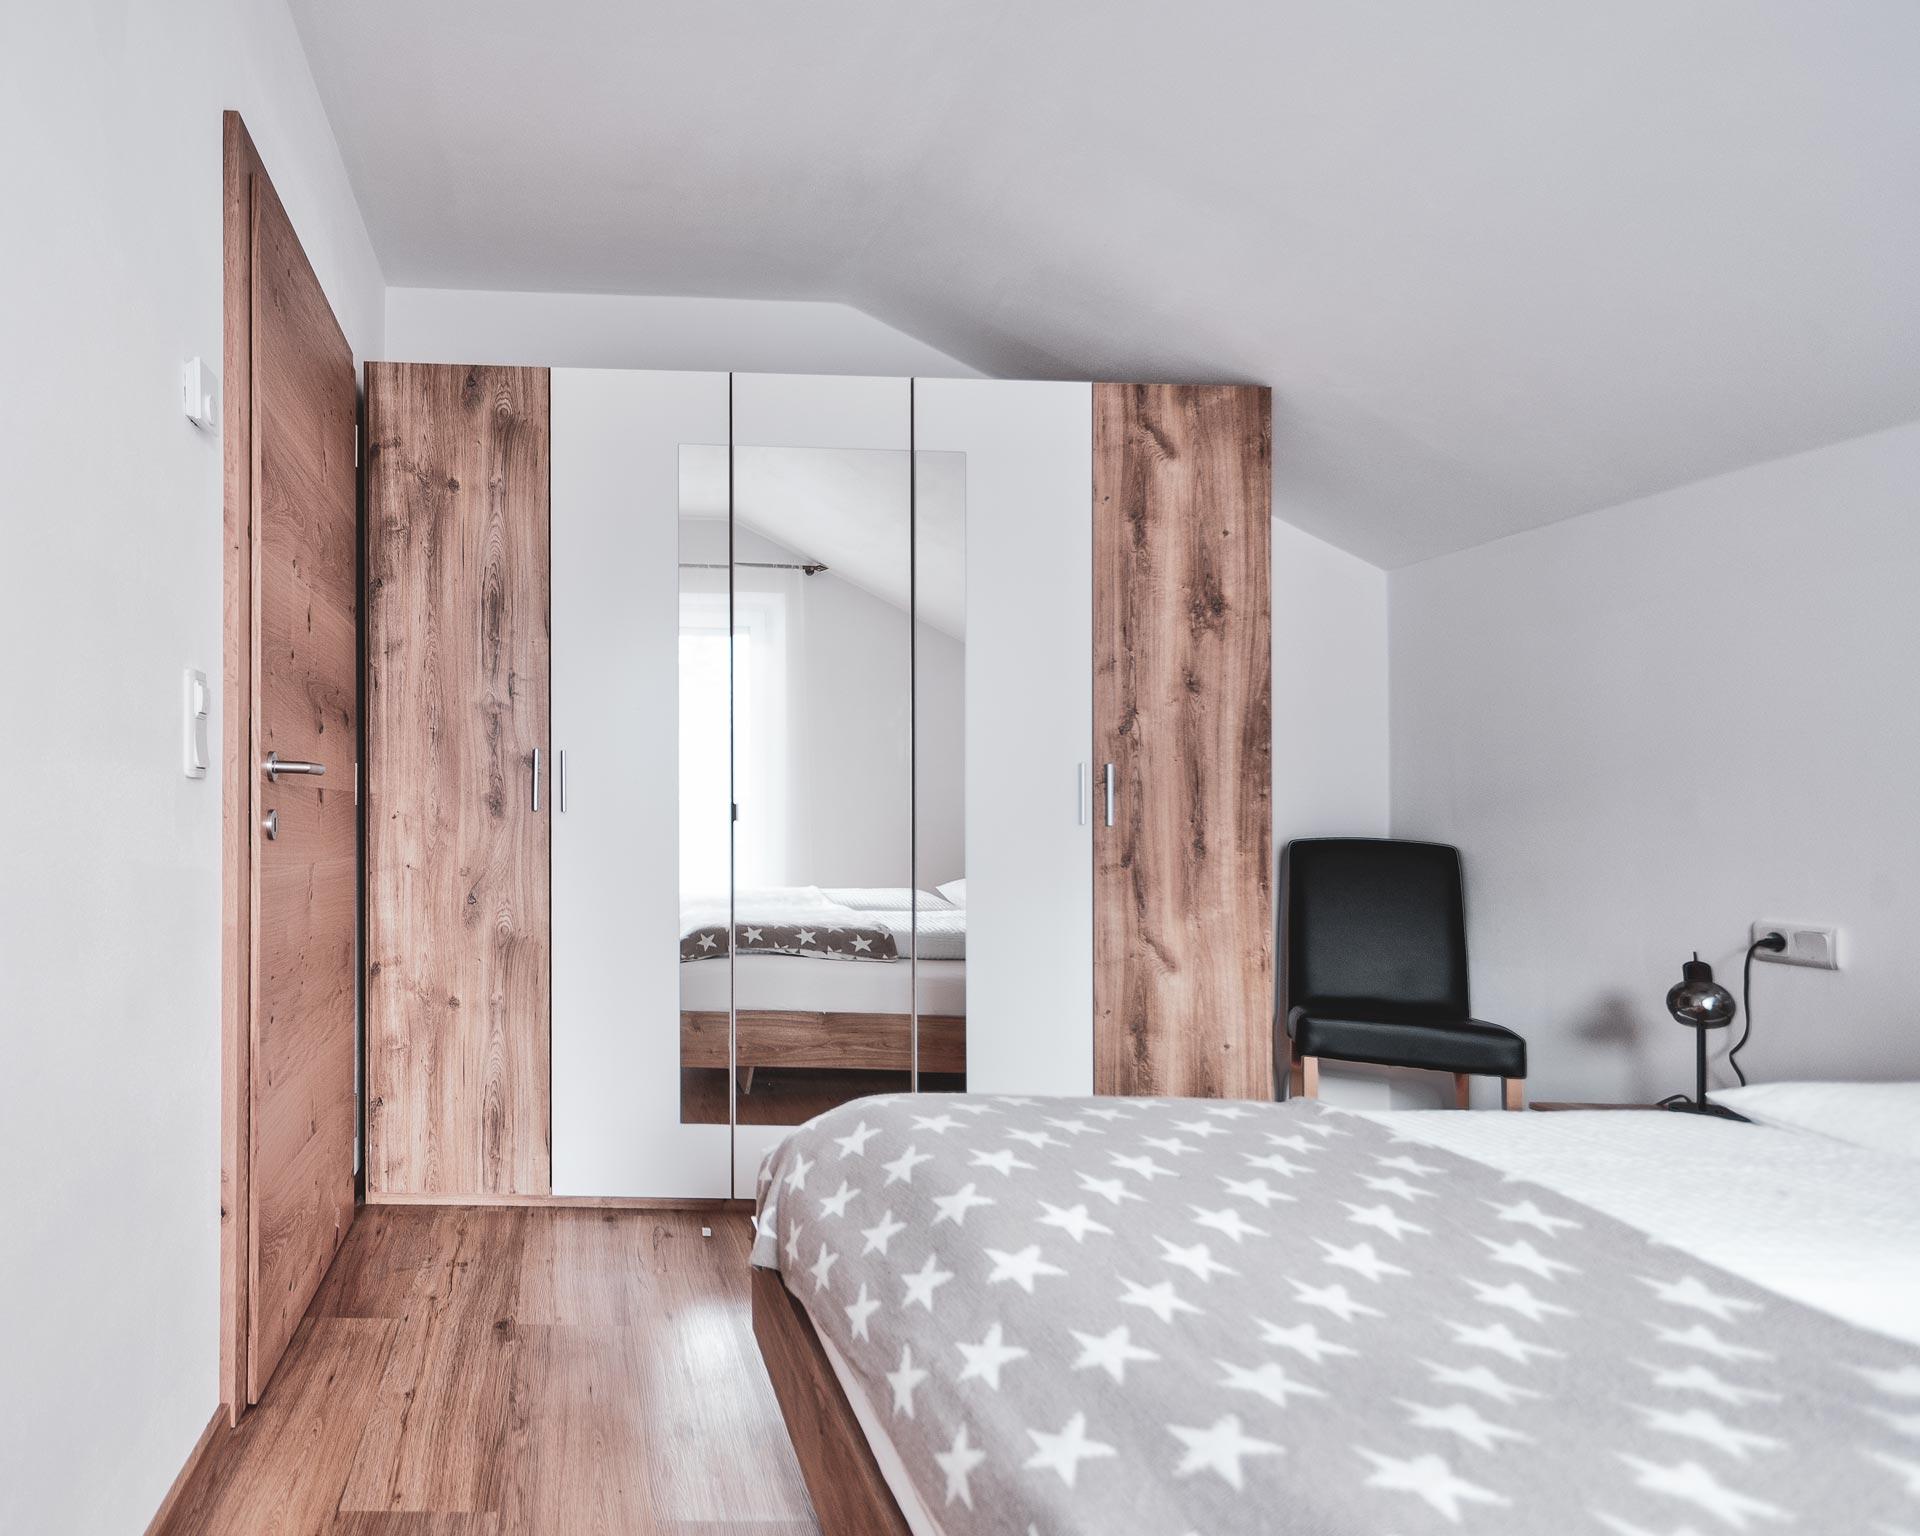 schlafzimmer kematen appartement pfarrwirt sand in taufers